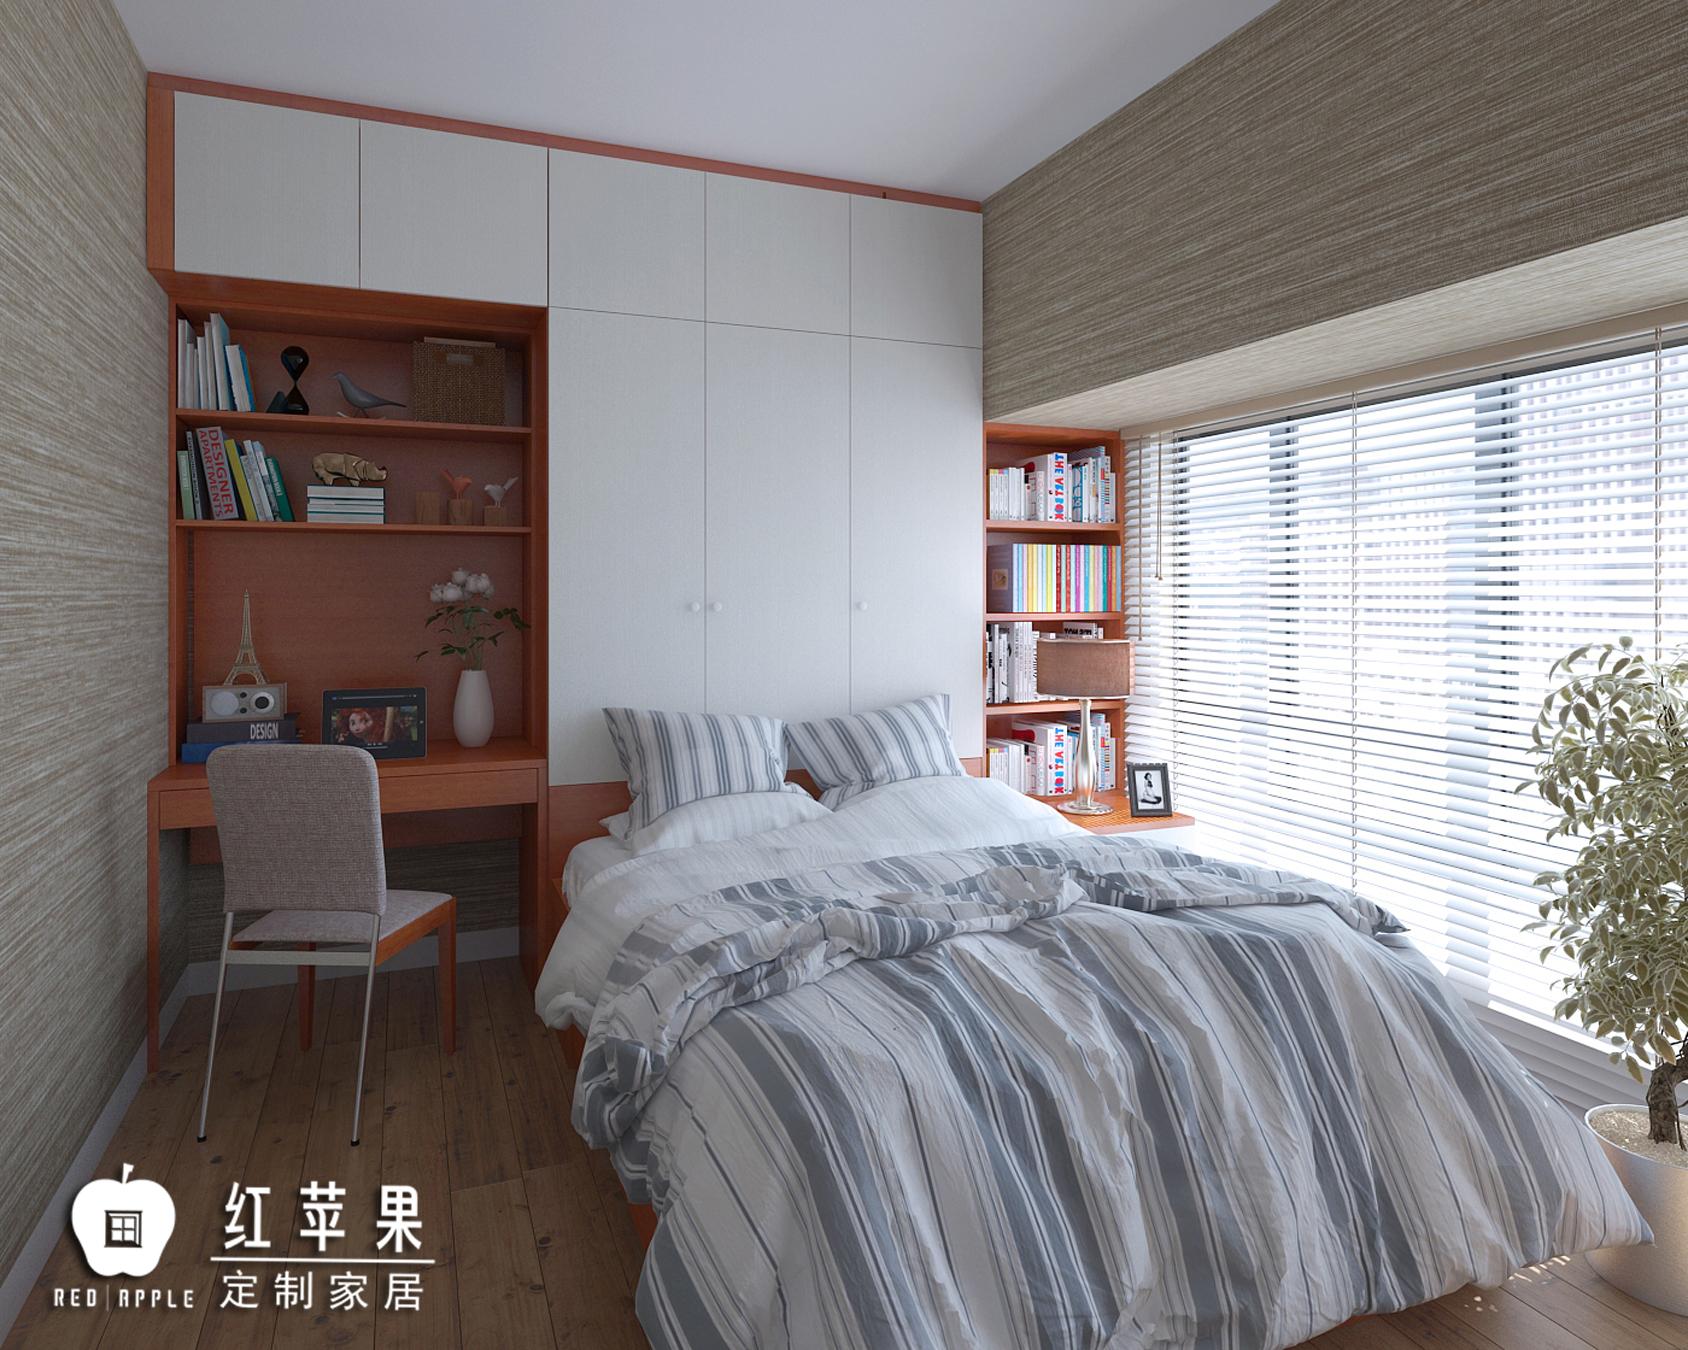 深圳万科红-次卧室3A